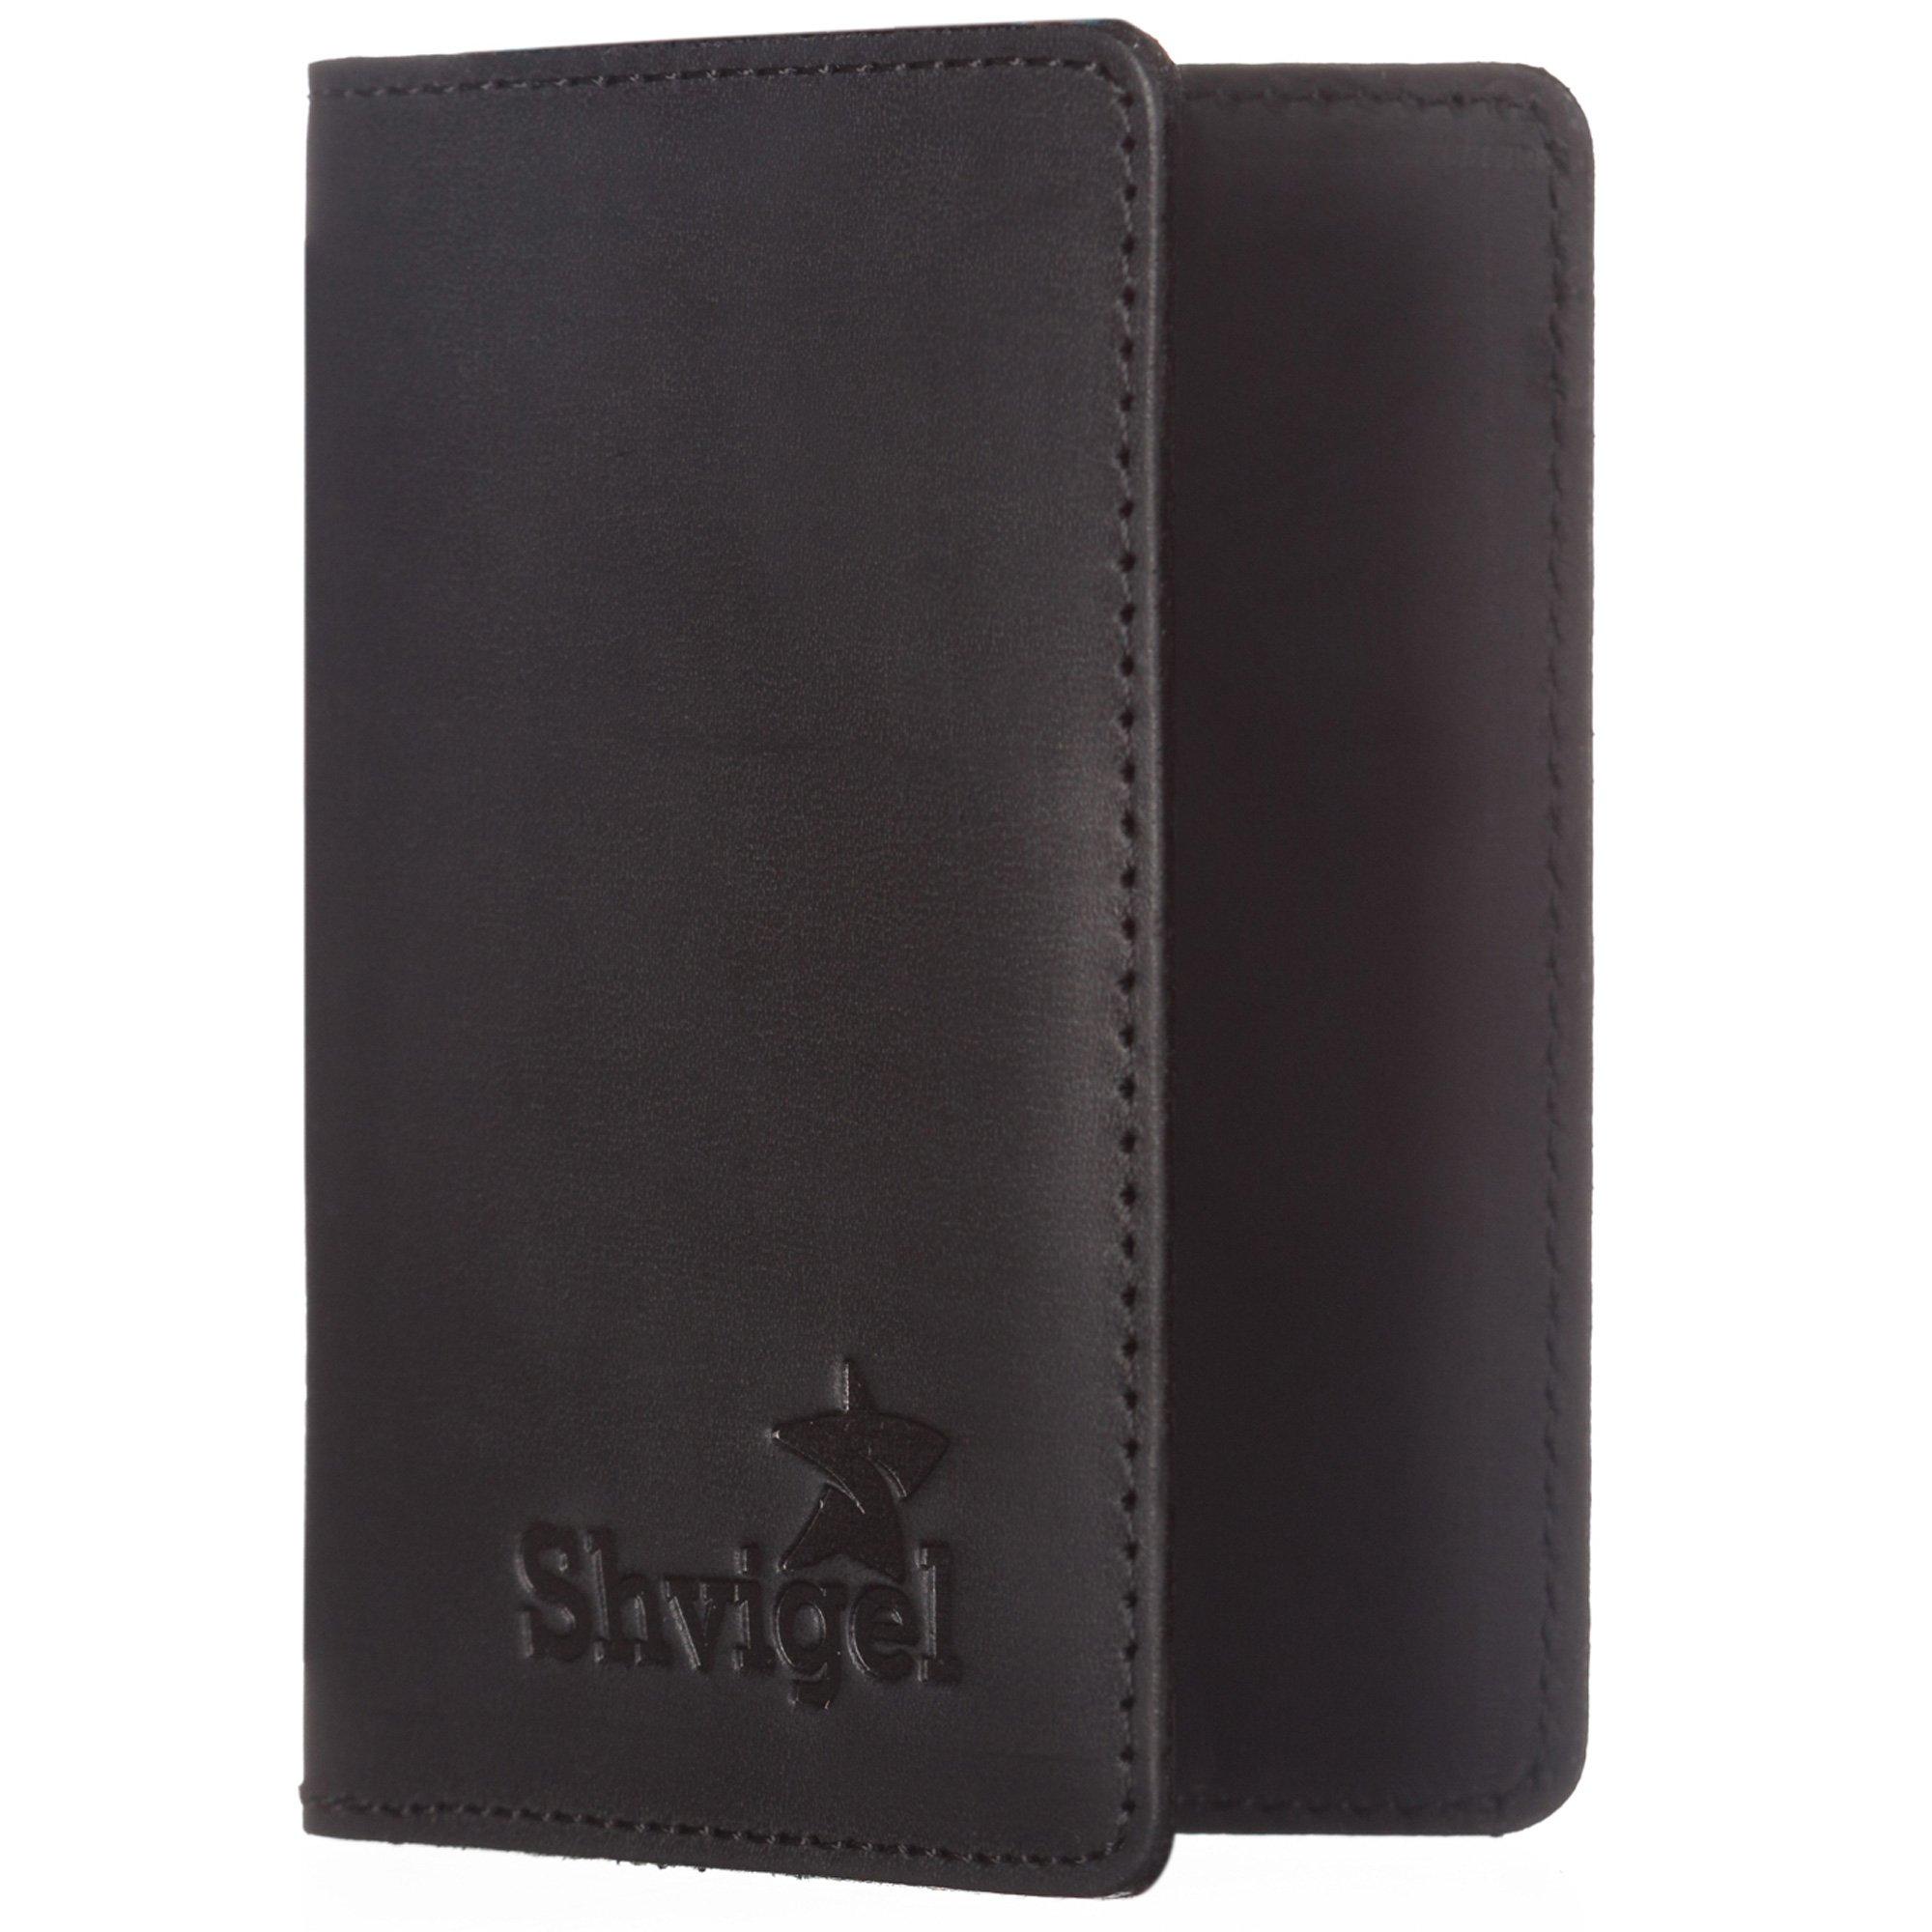 Shvigel Leather Credit Card Holder - for Men & Women - Minimalist Slim Wallet - Small Front Pocket Case (Black Vintage)